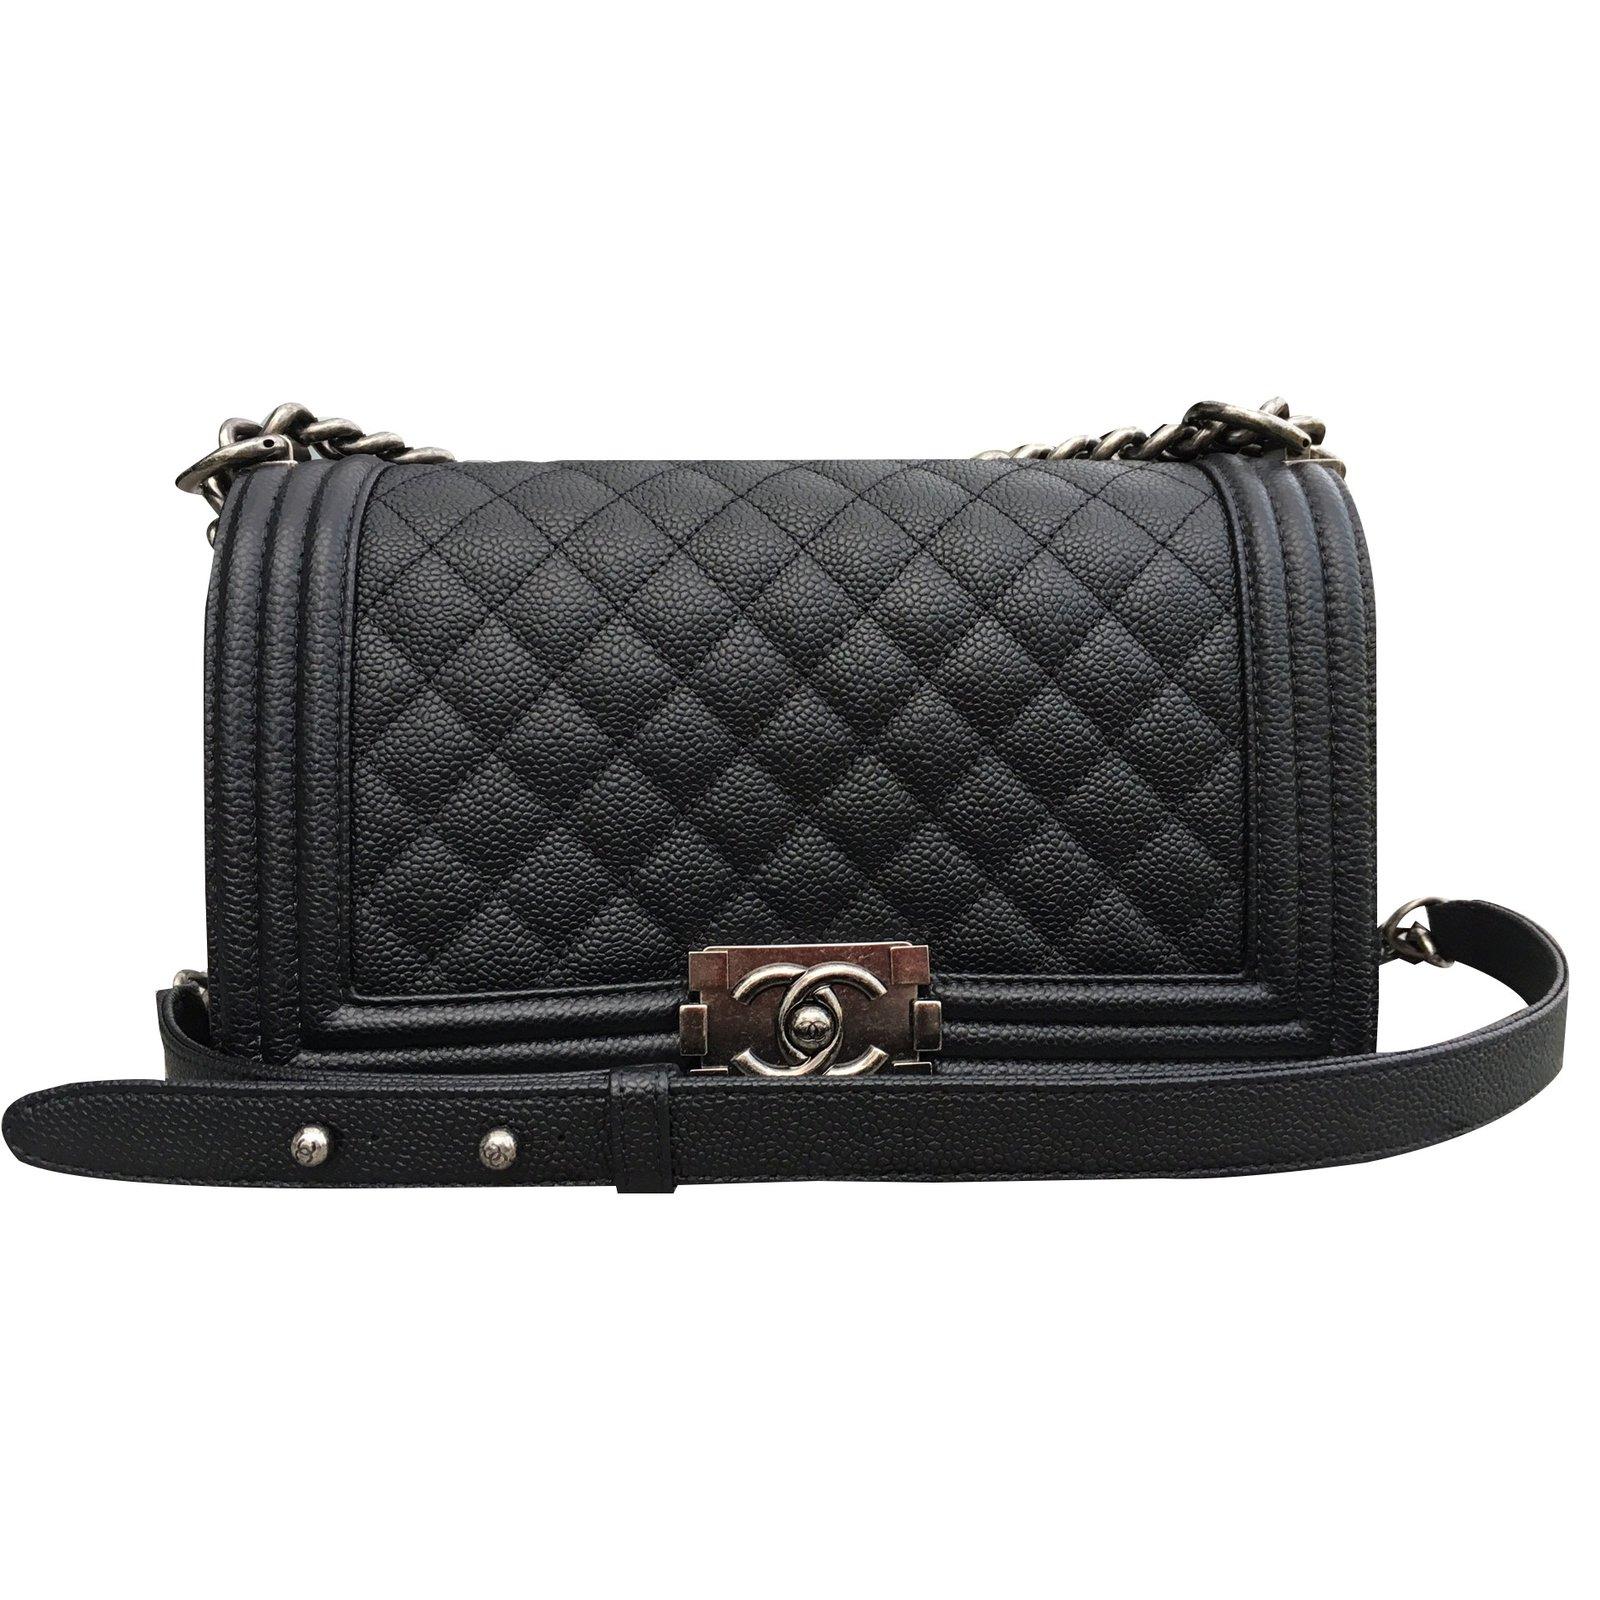 e1a97dc506a2 Chanel Boy Old Medium caviar Handbags Leather Black ref.32779 - Joli ...